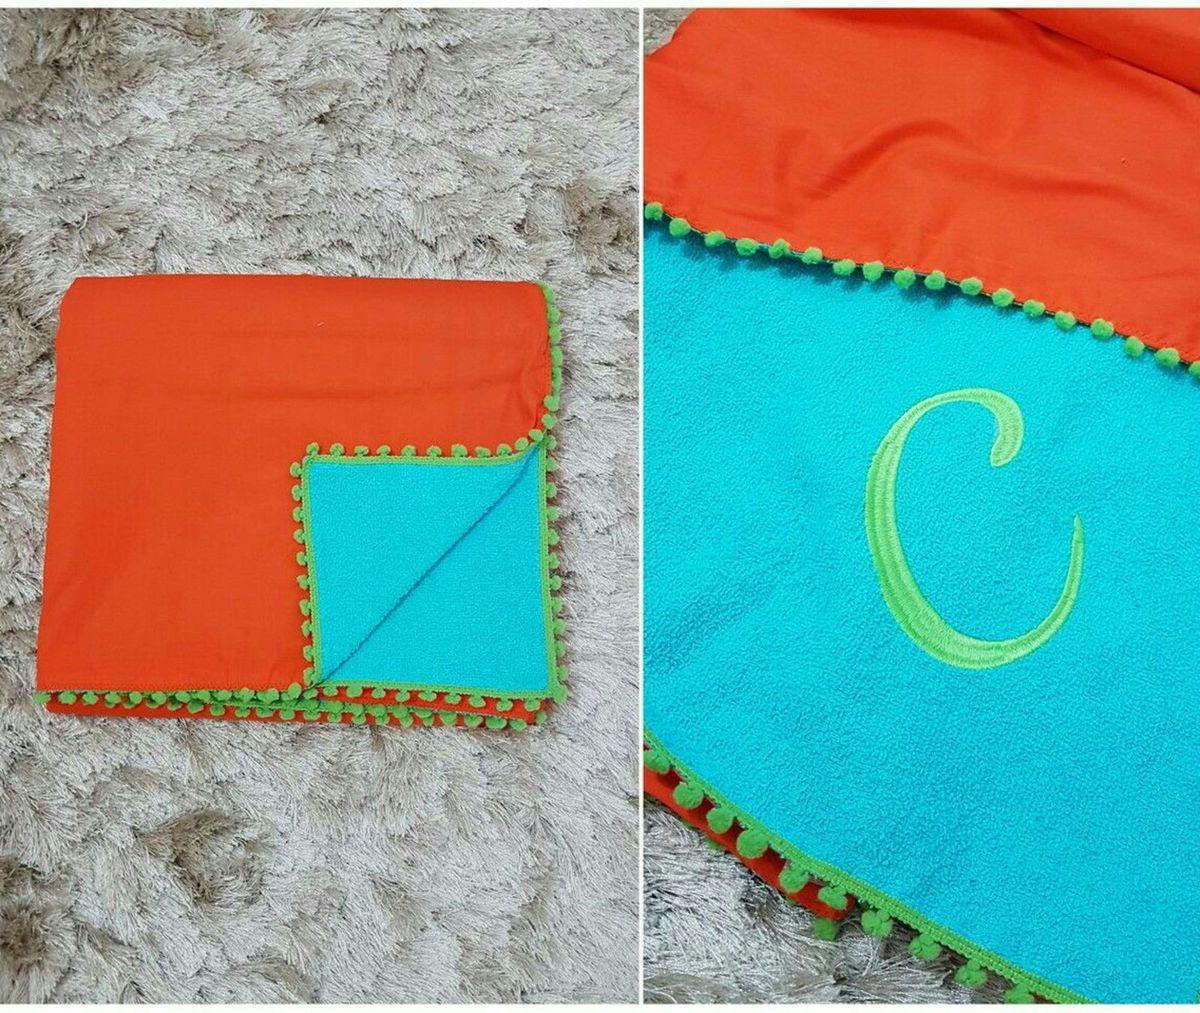 51c96fa06 toalha canga personalizada - praia sereia baiana.  Czm6ly9wag90b3muzw5qb2vplmnvbs5ici9wcm9kdwn0cy82nzi1mtexlzexmjgxzjdiyjrlotc5n2u1zta3ymexzte5zjzkmjmzlmpwzw